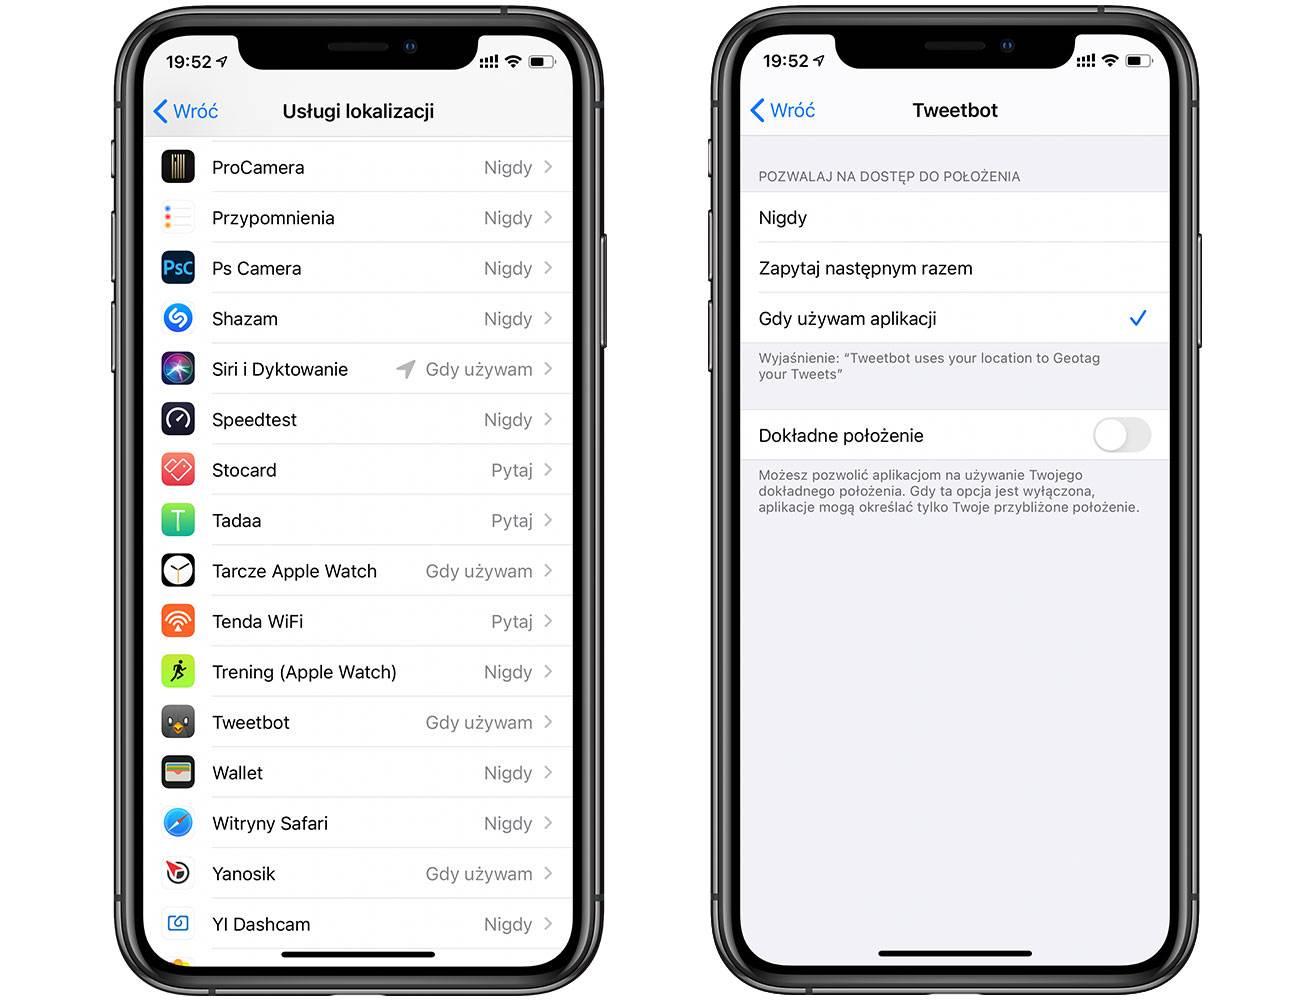 Dokładne położenie - kolejna nowość w iOS 14 / iPadOS 14, która dba o naszą prywatność polecane, ciekawostki Nowość, iPhone, iPadOS 14, iOS 14, Dokładne położenie  Kolejną bardzo ciekawą nowością w iOS 14 i iPadOS 14 o której musimy wspomnieć jest opcja Dokładne położenie. Co to takiego i jak działa? Już wyjaśniamy. i